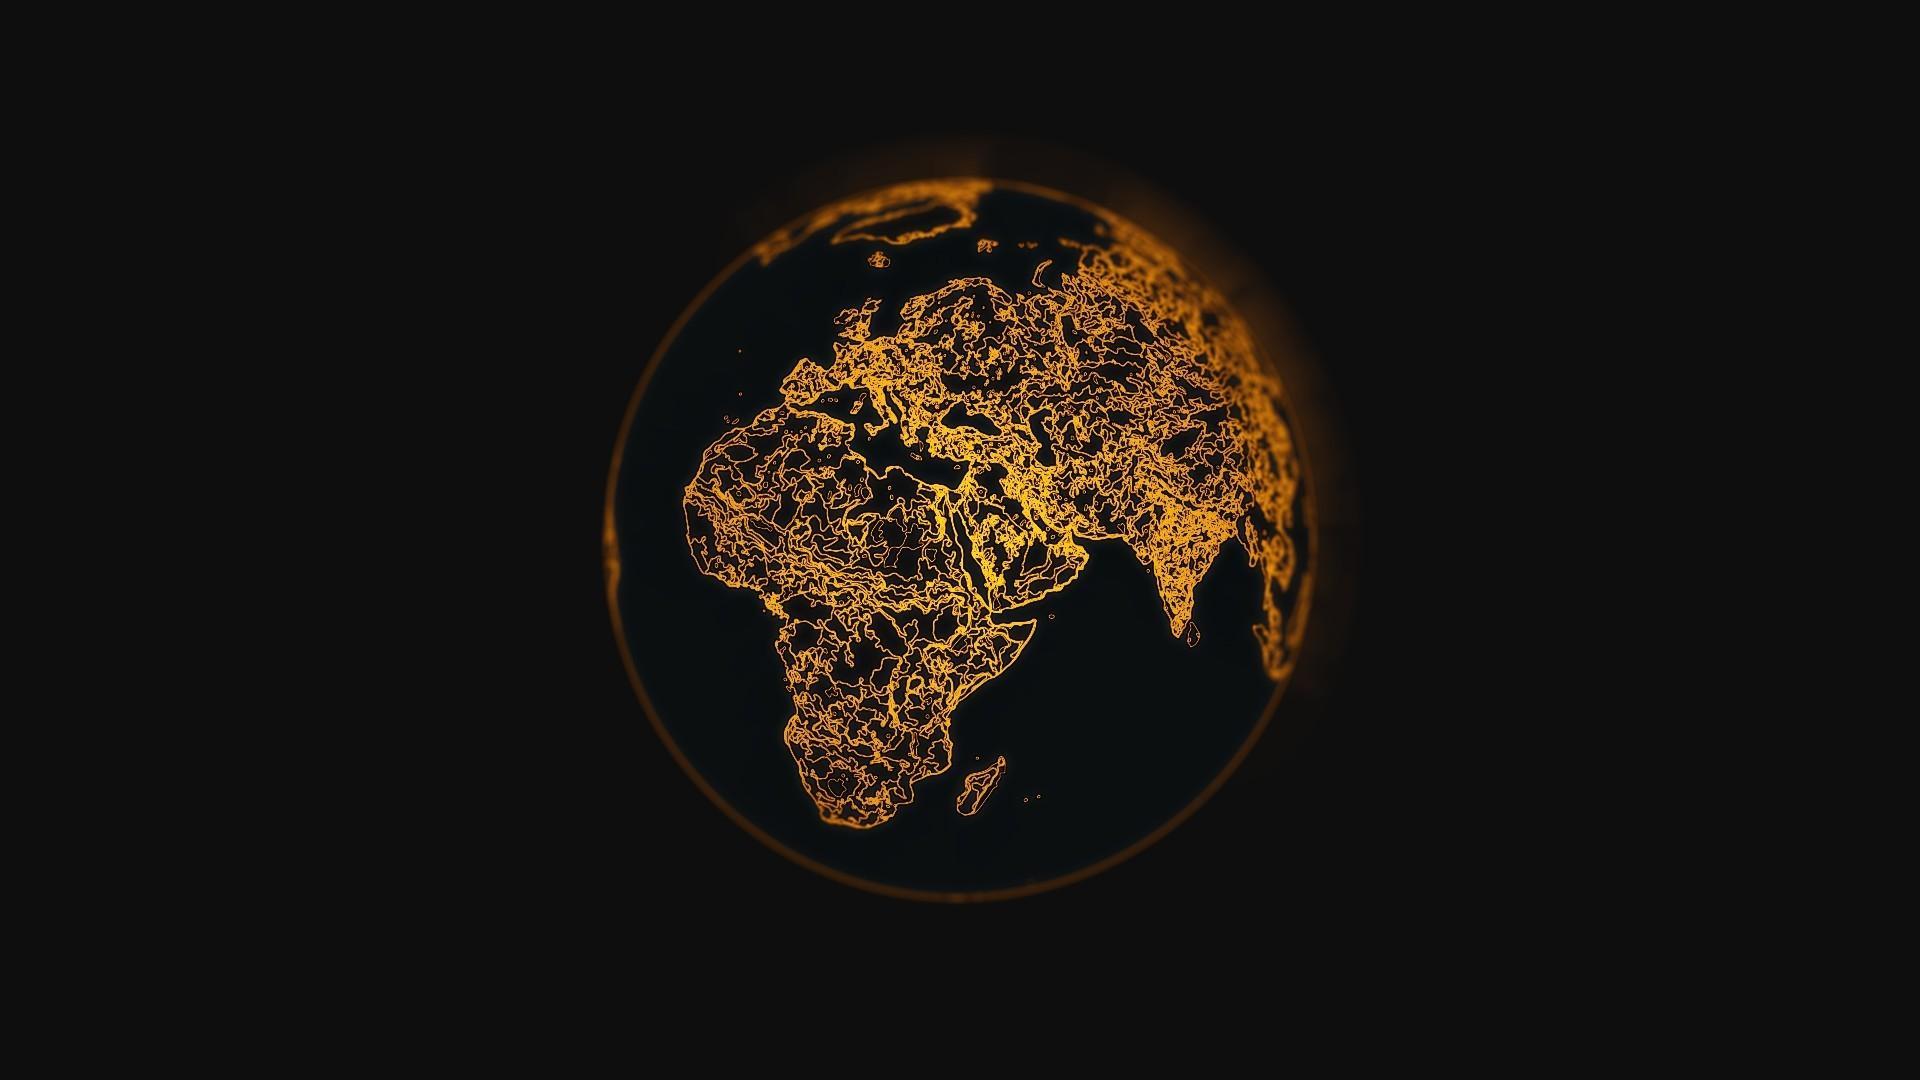 Download 1920x1080 Wallpaper Earth Minimal Digital Art Full Hd